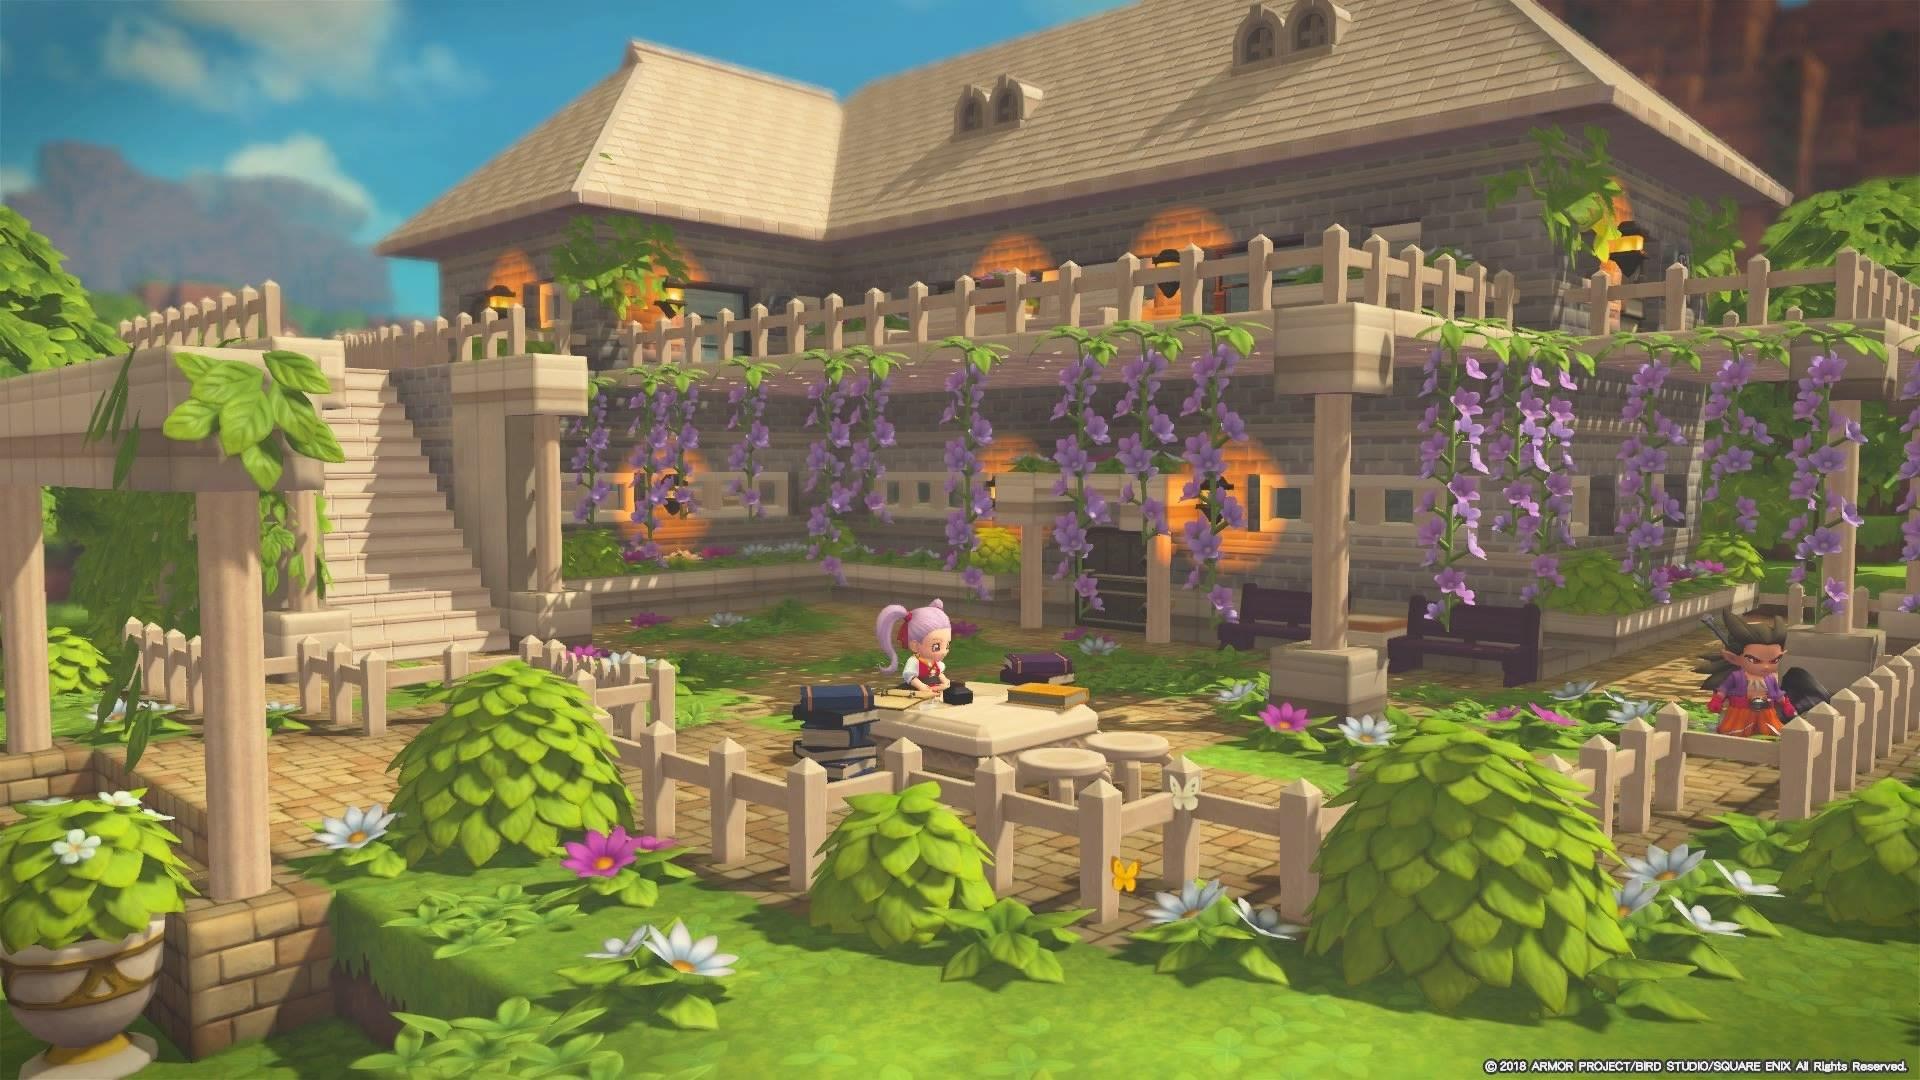 ビルダーズギャラリー ドラゴンクエストビルダーズ2 Square Enix マインクラフトの家 マインクラフト 建築